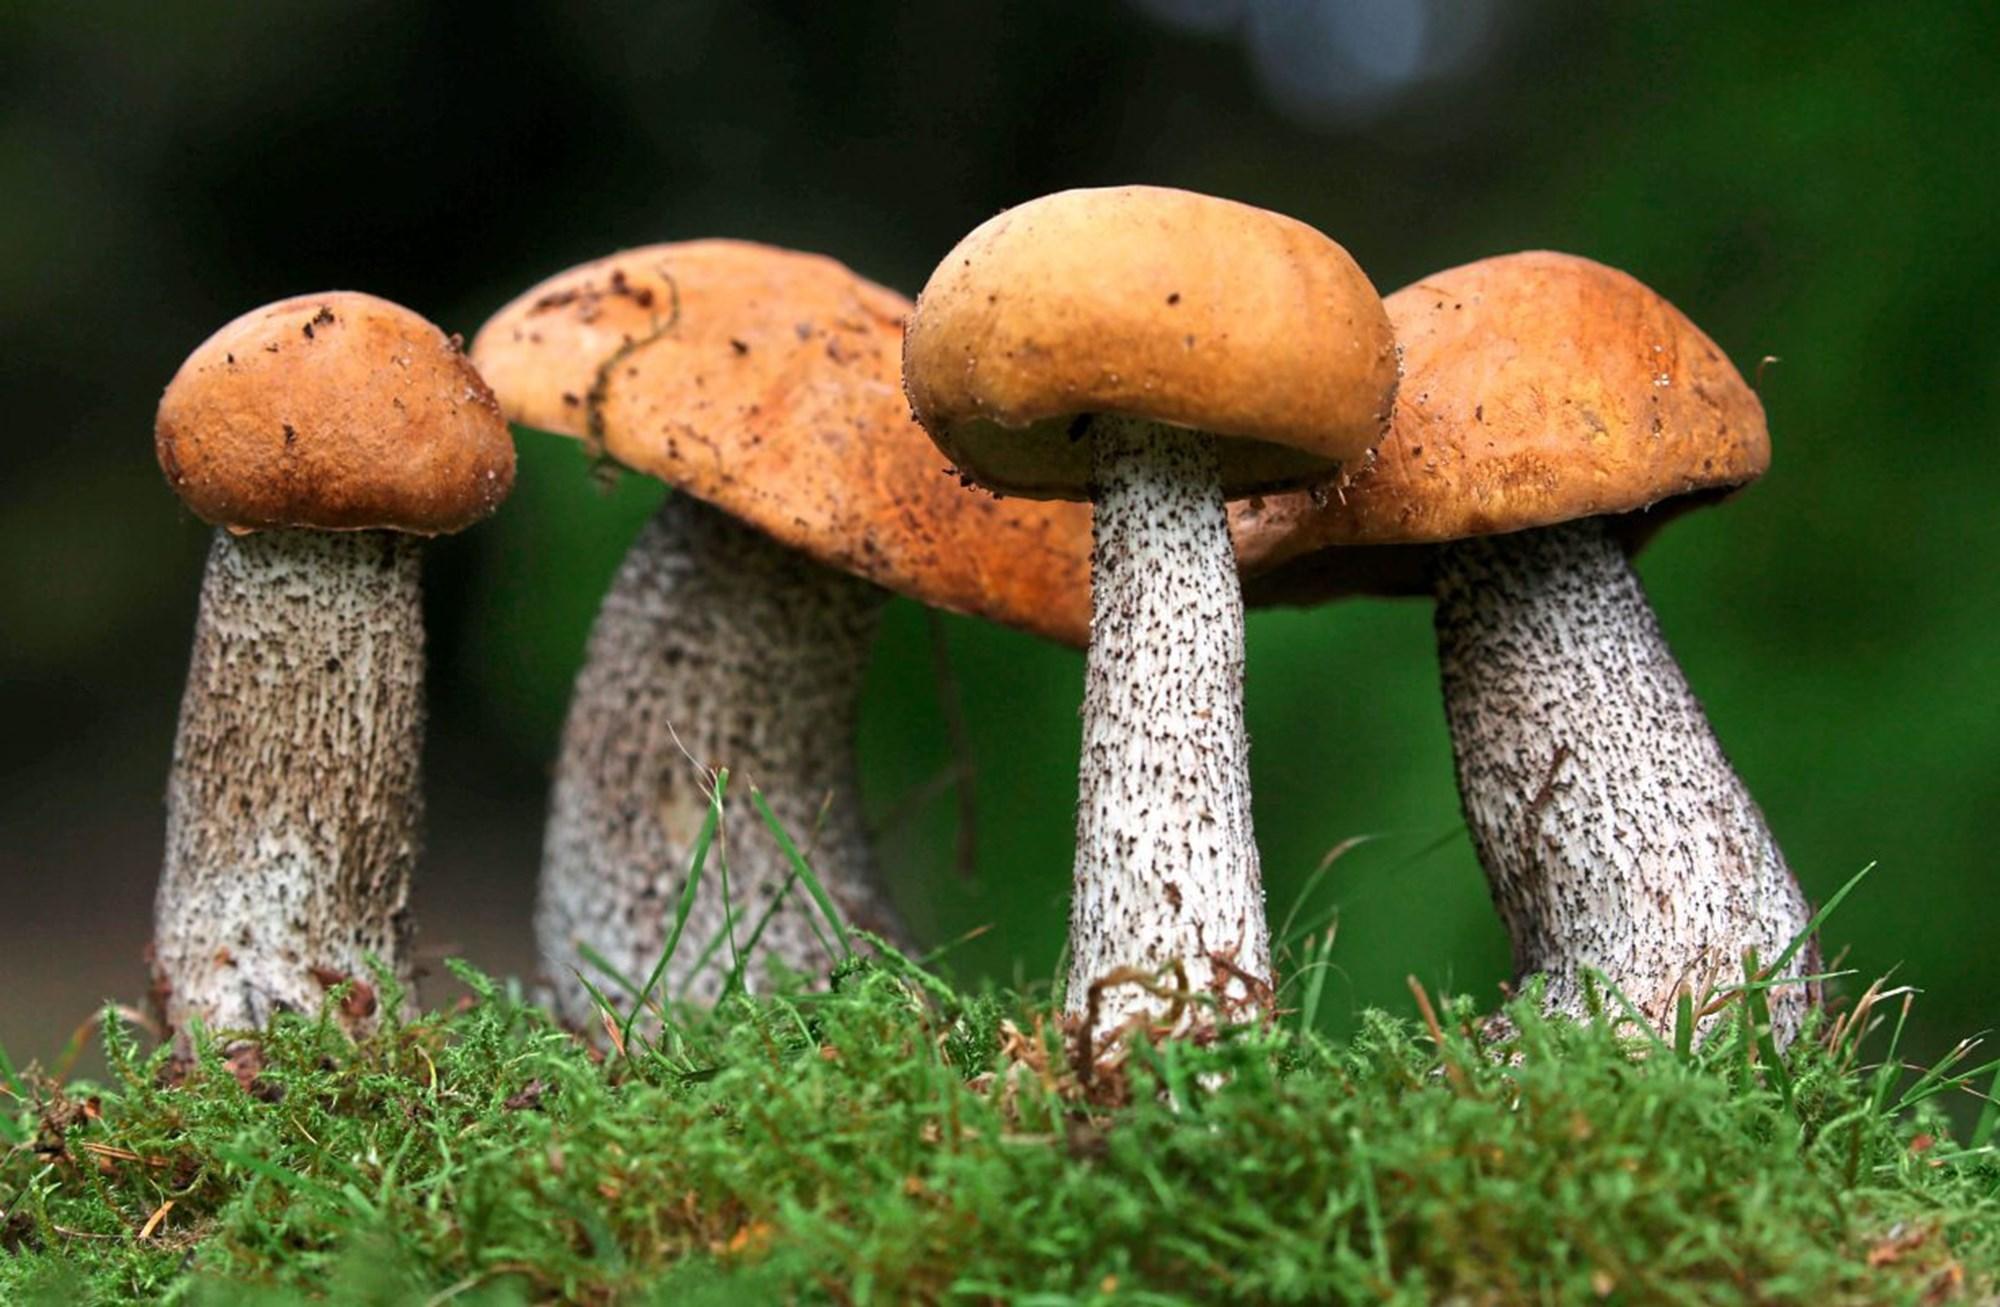 DNA enthüllt Pilz-Massenaussterben vor 145 Millionen Jahren – derStandard.at